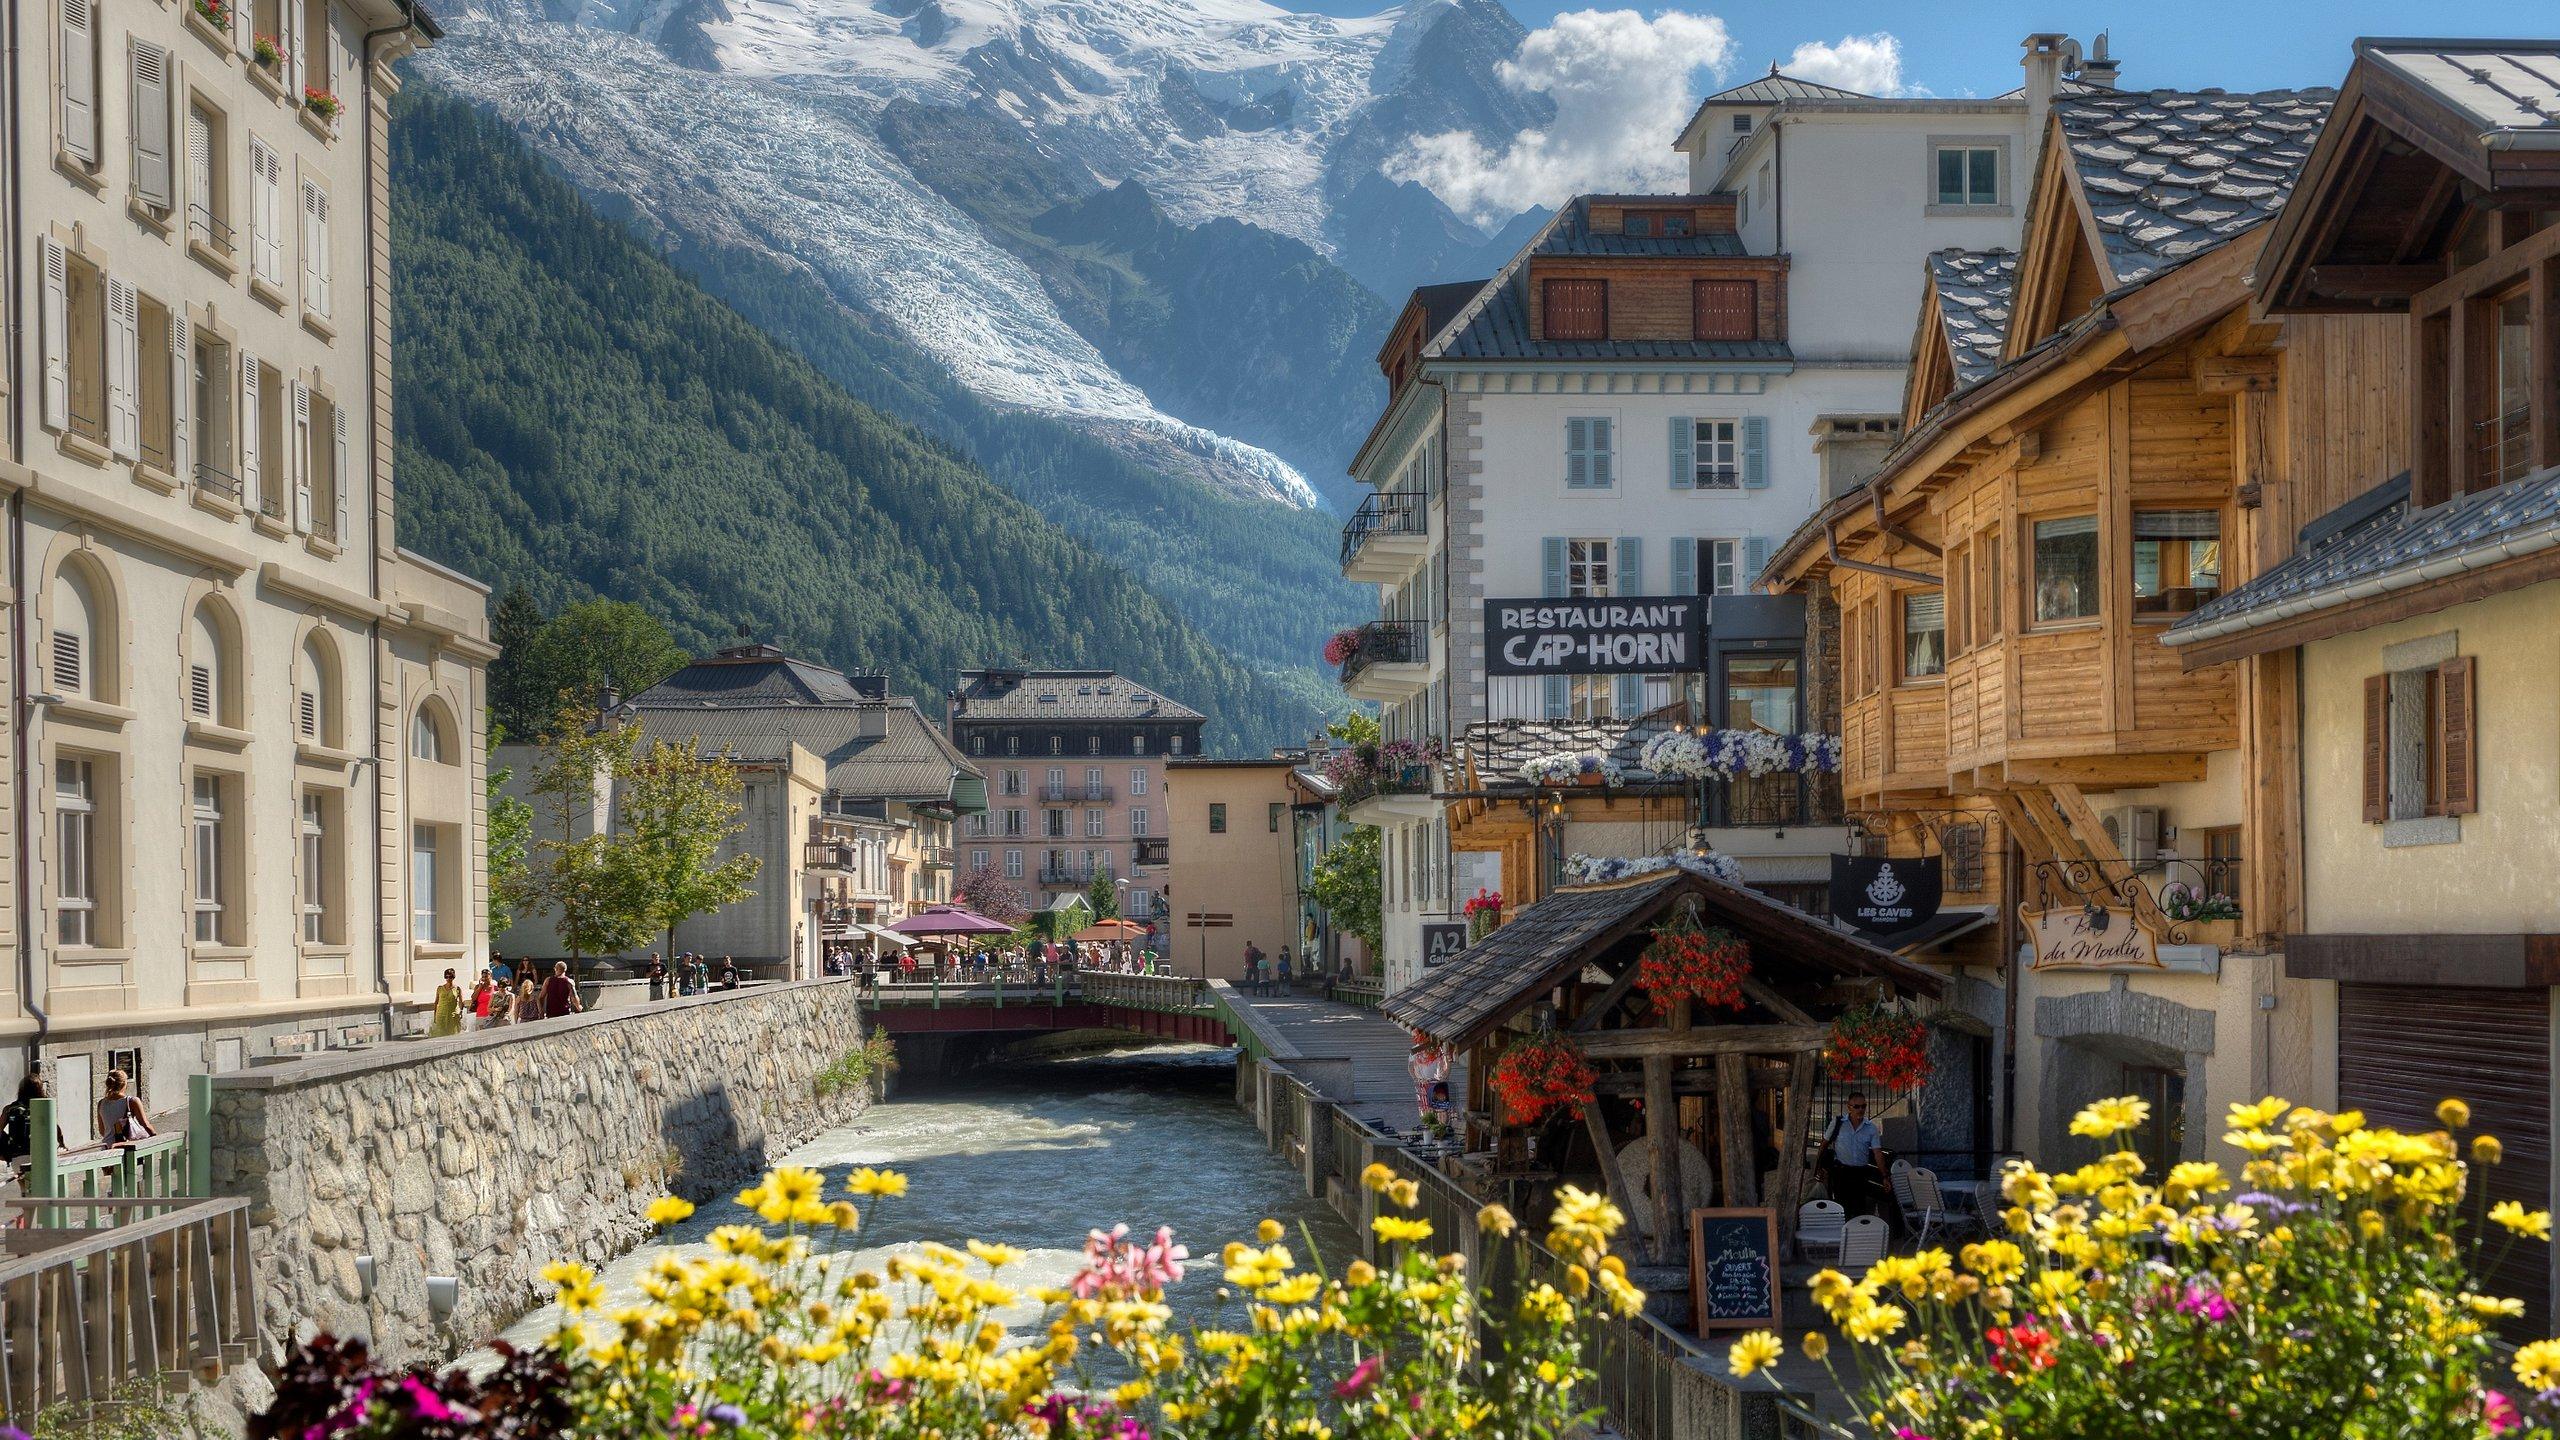 Seilbahn Aiguille du Midi, Chamonix, Haute-Savoie (Département), Frankreich